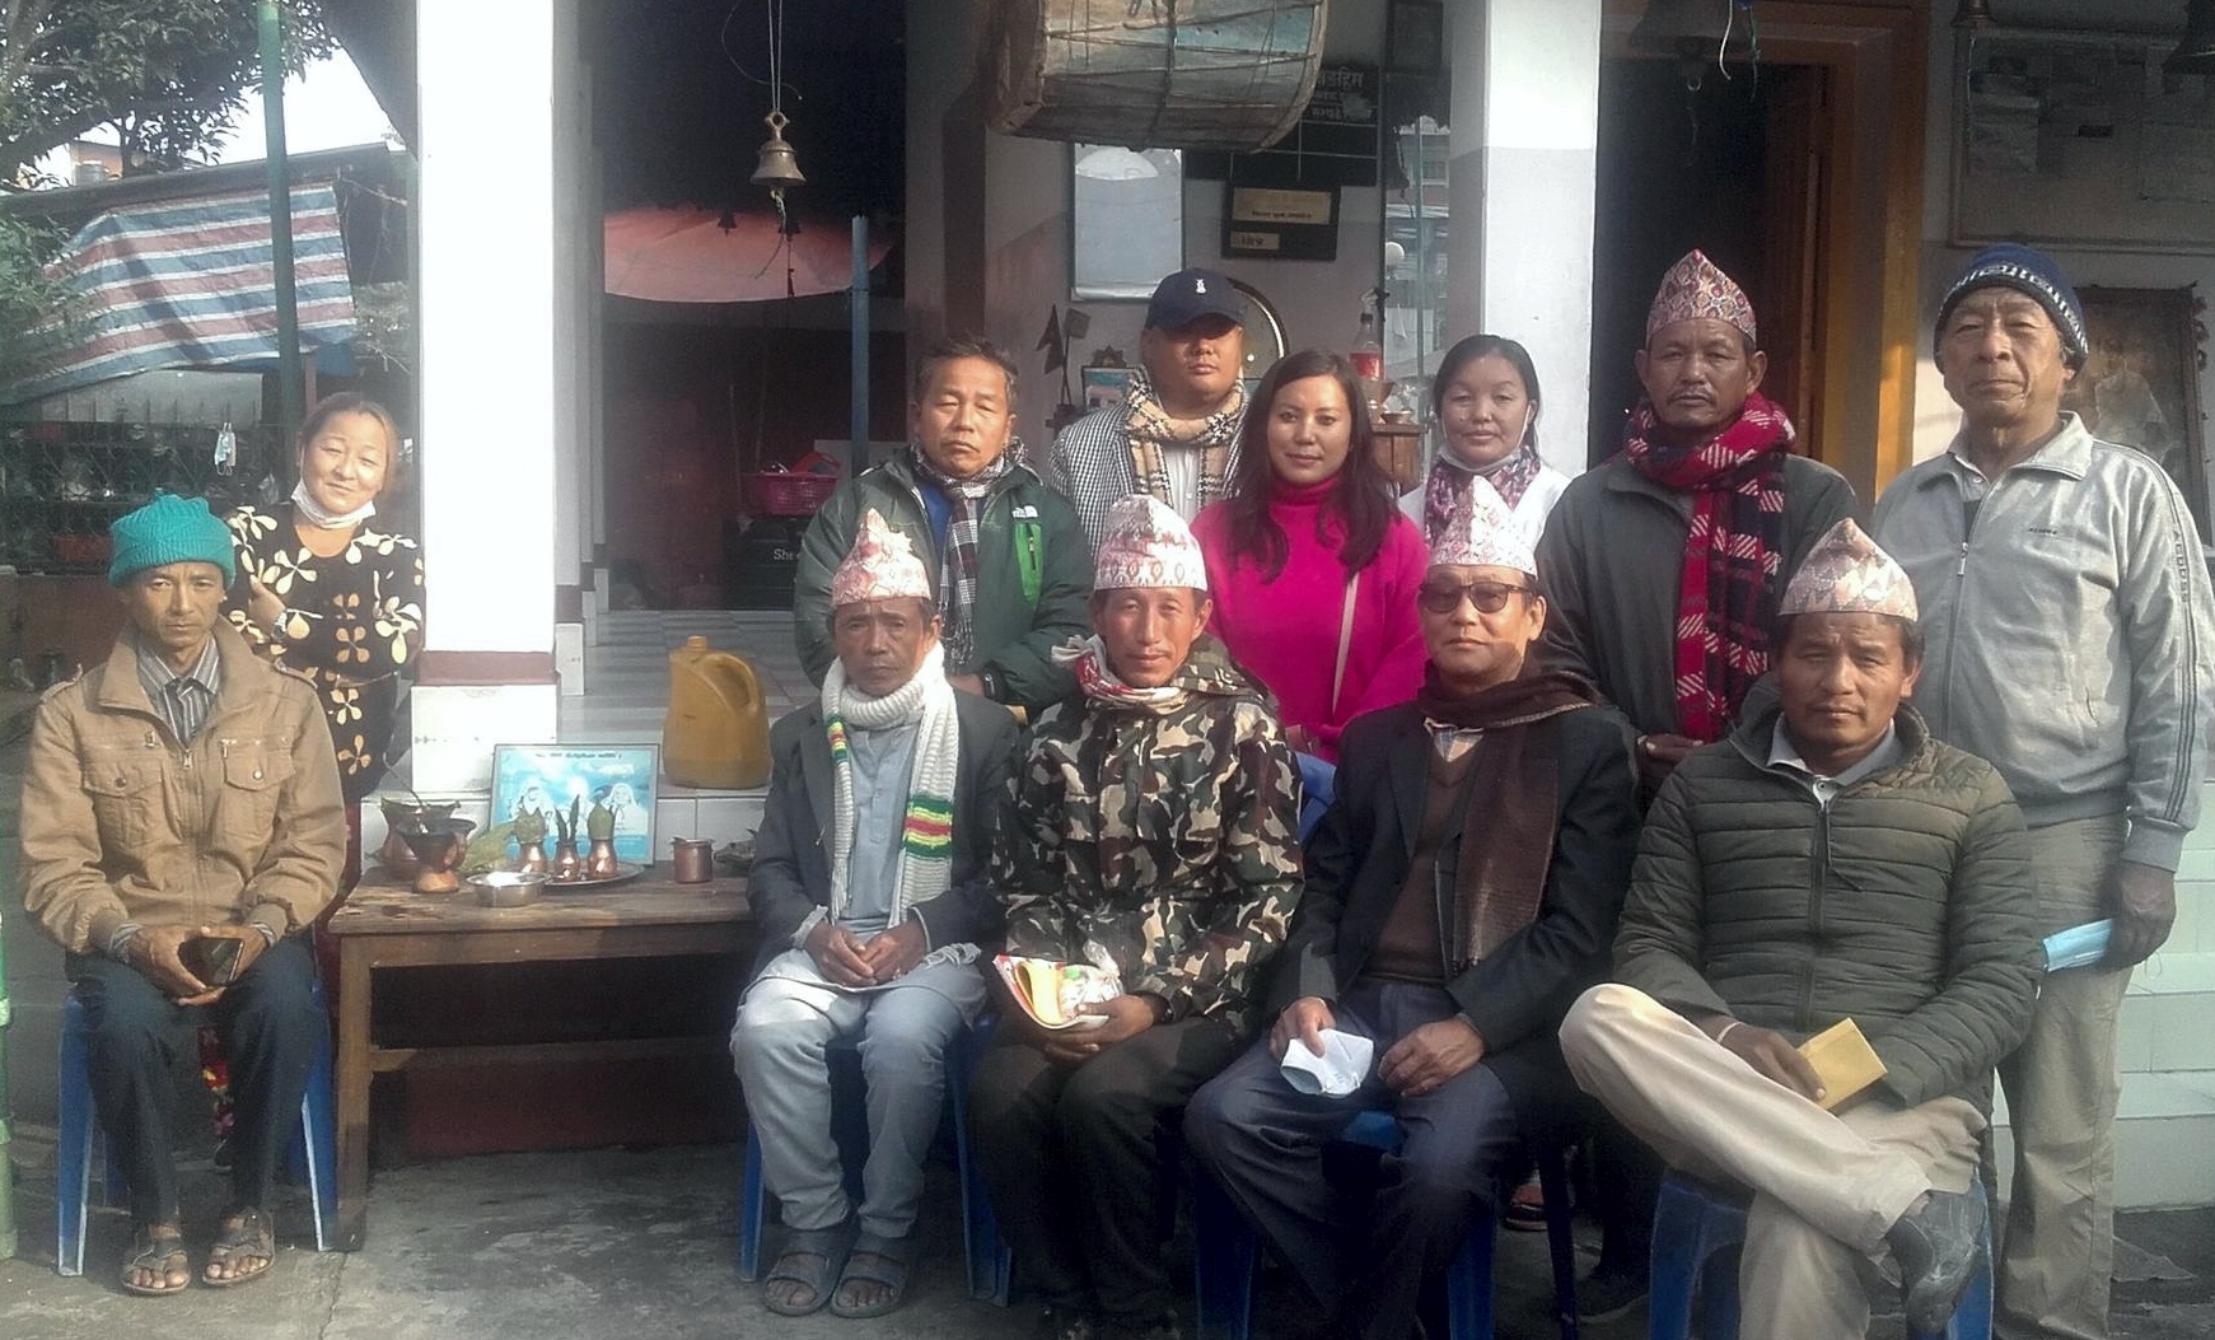 सुनसरीमा किरात धर्म लेखौं अभियान संगठन विस्तार